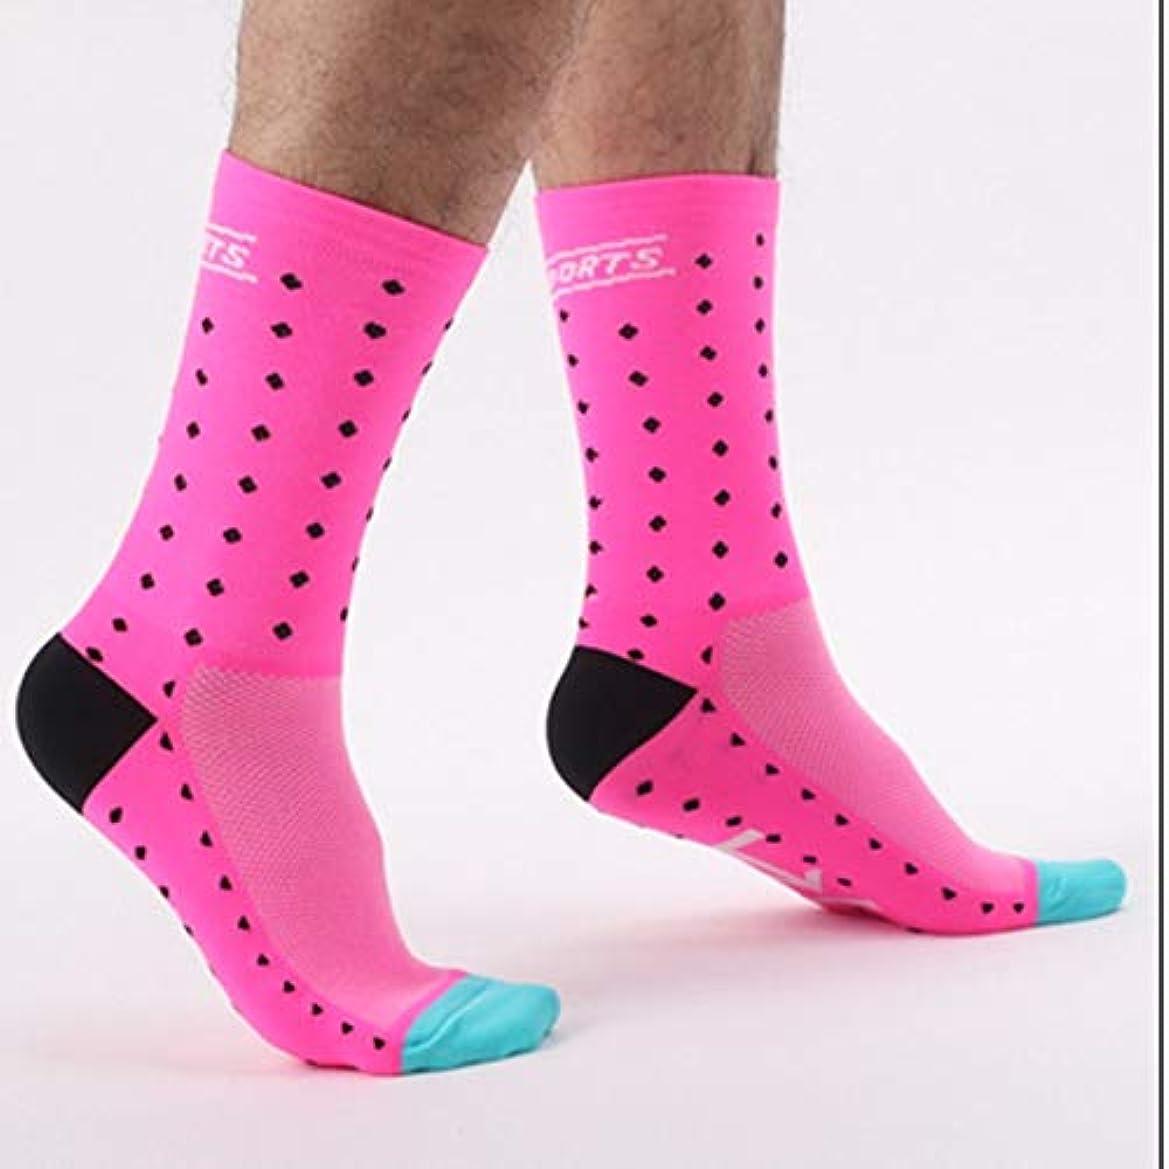 本気試すアンビエントDH04快適なファッショナブルな屋外サイクリングソックス男性女性プロの通気性スポーツソックスバスケットボールソックス - ピンク